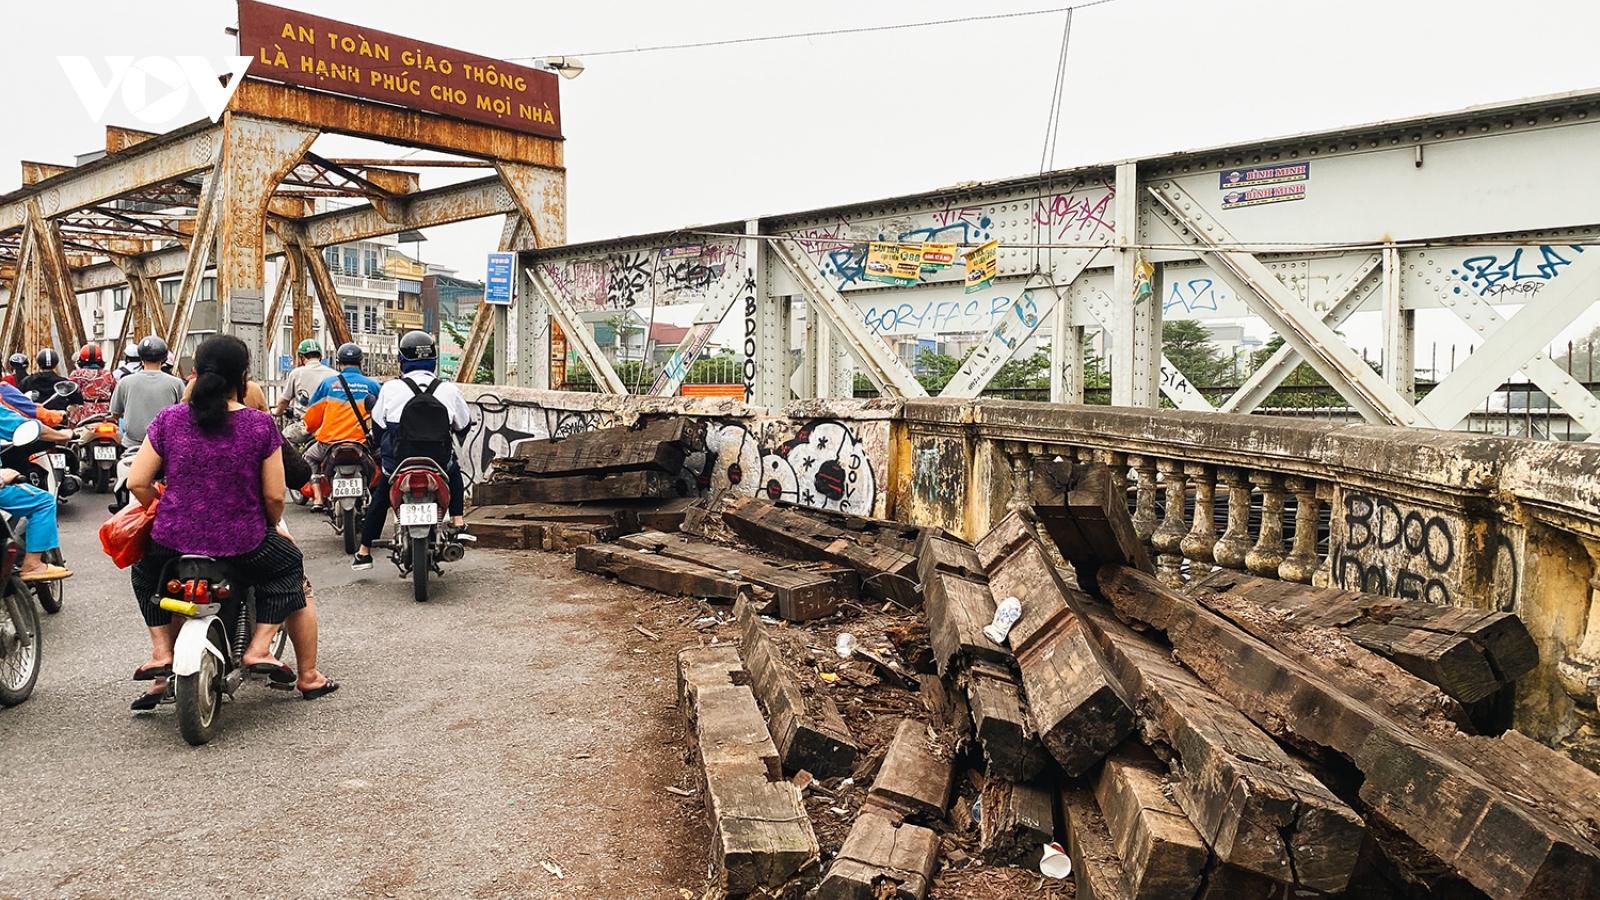 Cần sớm sửa chữa cầu Long Biên để đảm bảo an toàn cho người lưu thông qua cầu